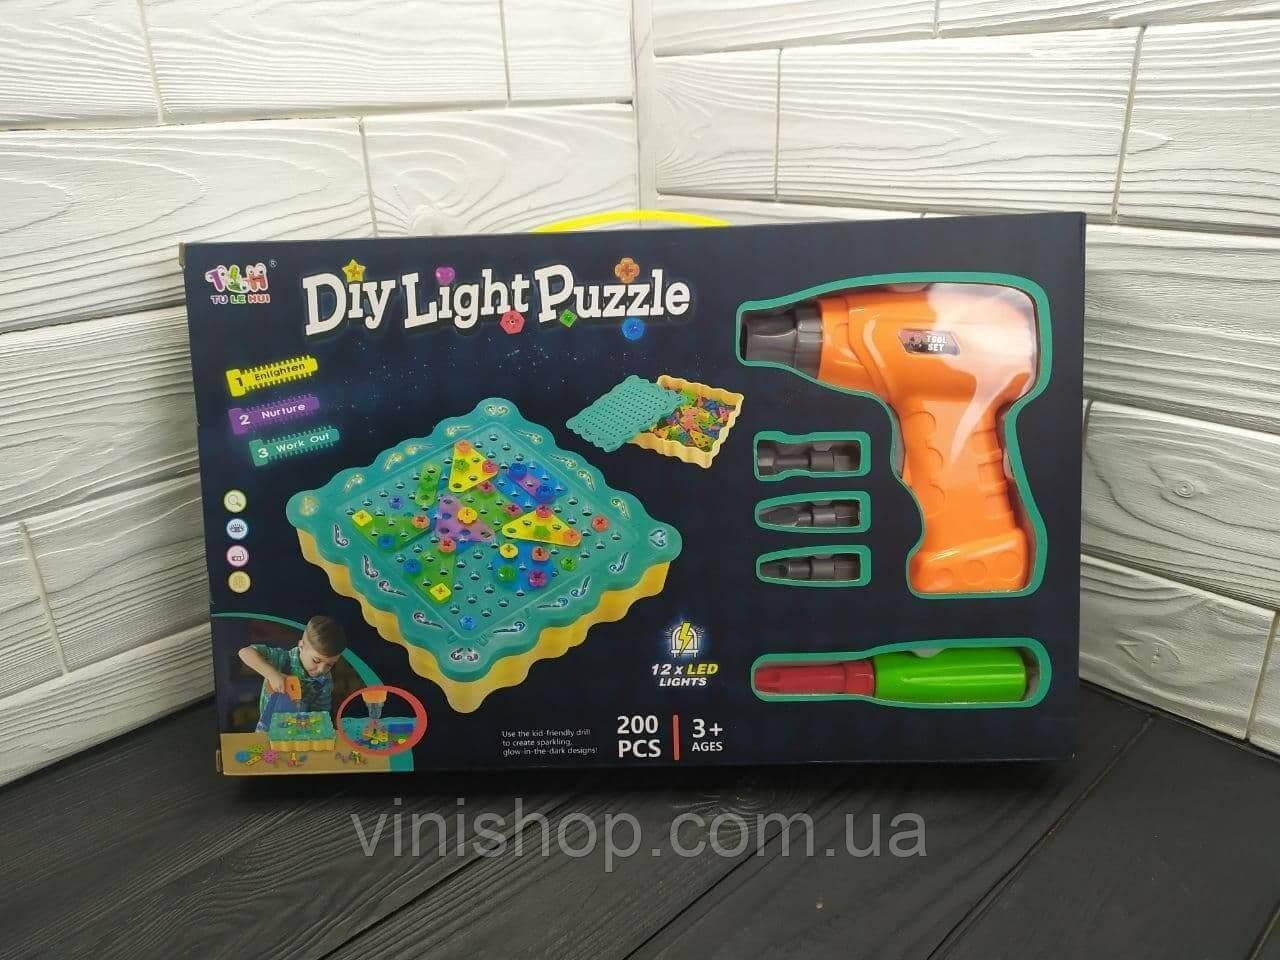 3D пазл мозаика с подсветкой TU LE HUI Diy Light Puzzle конструктор с электрошуруповертом (200 деталей)